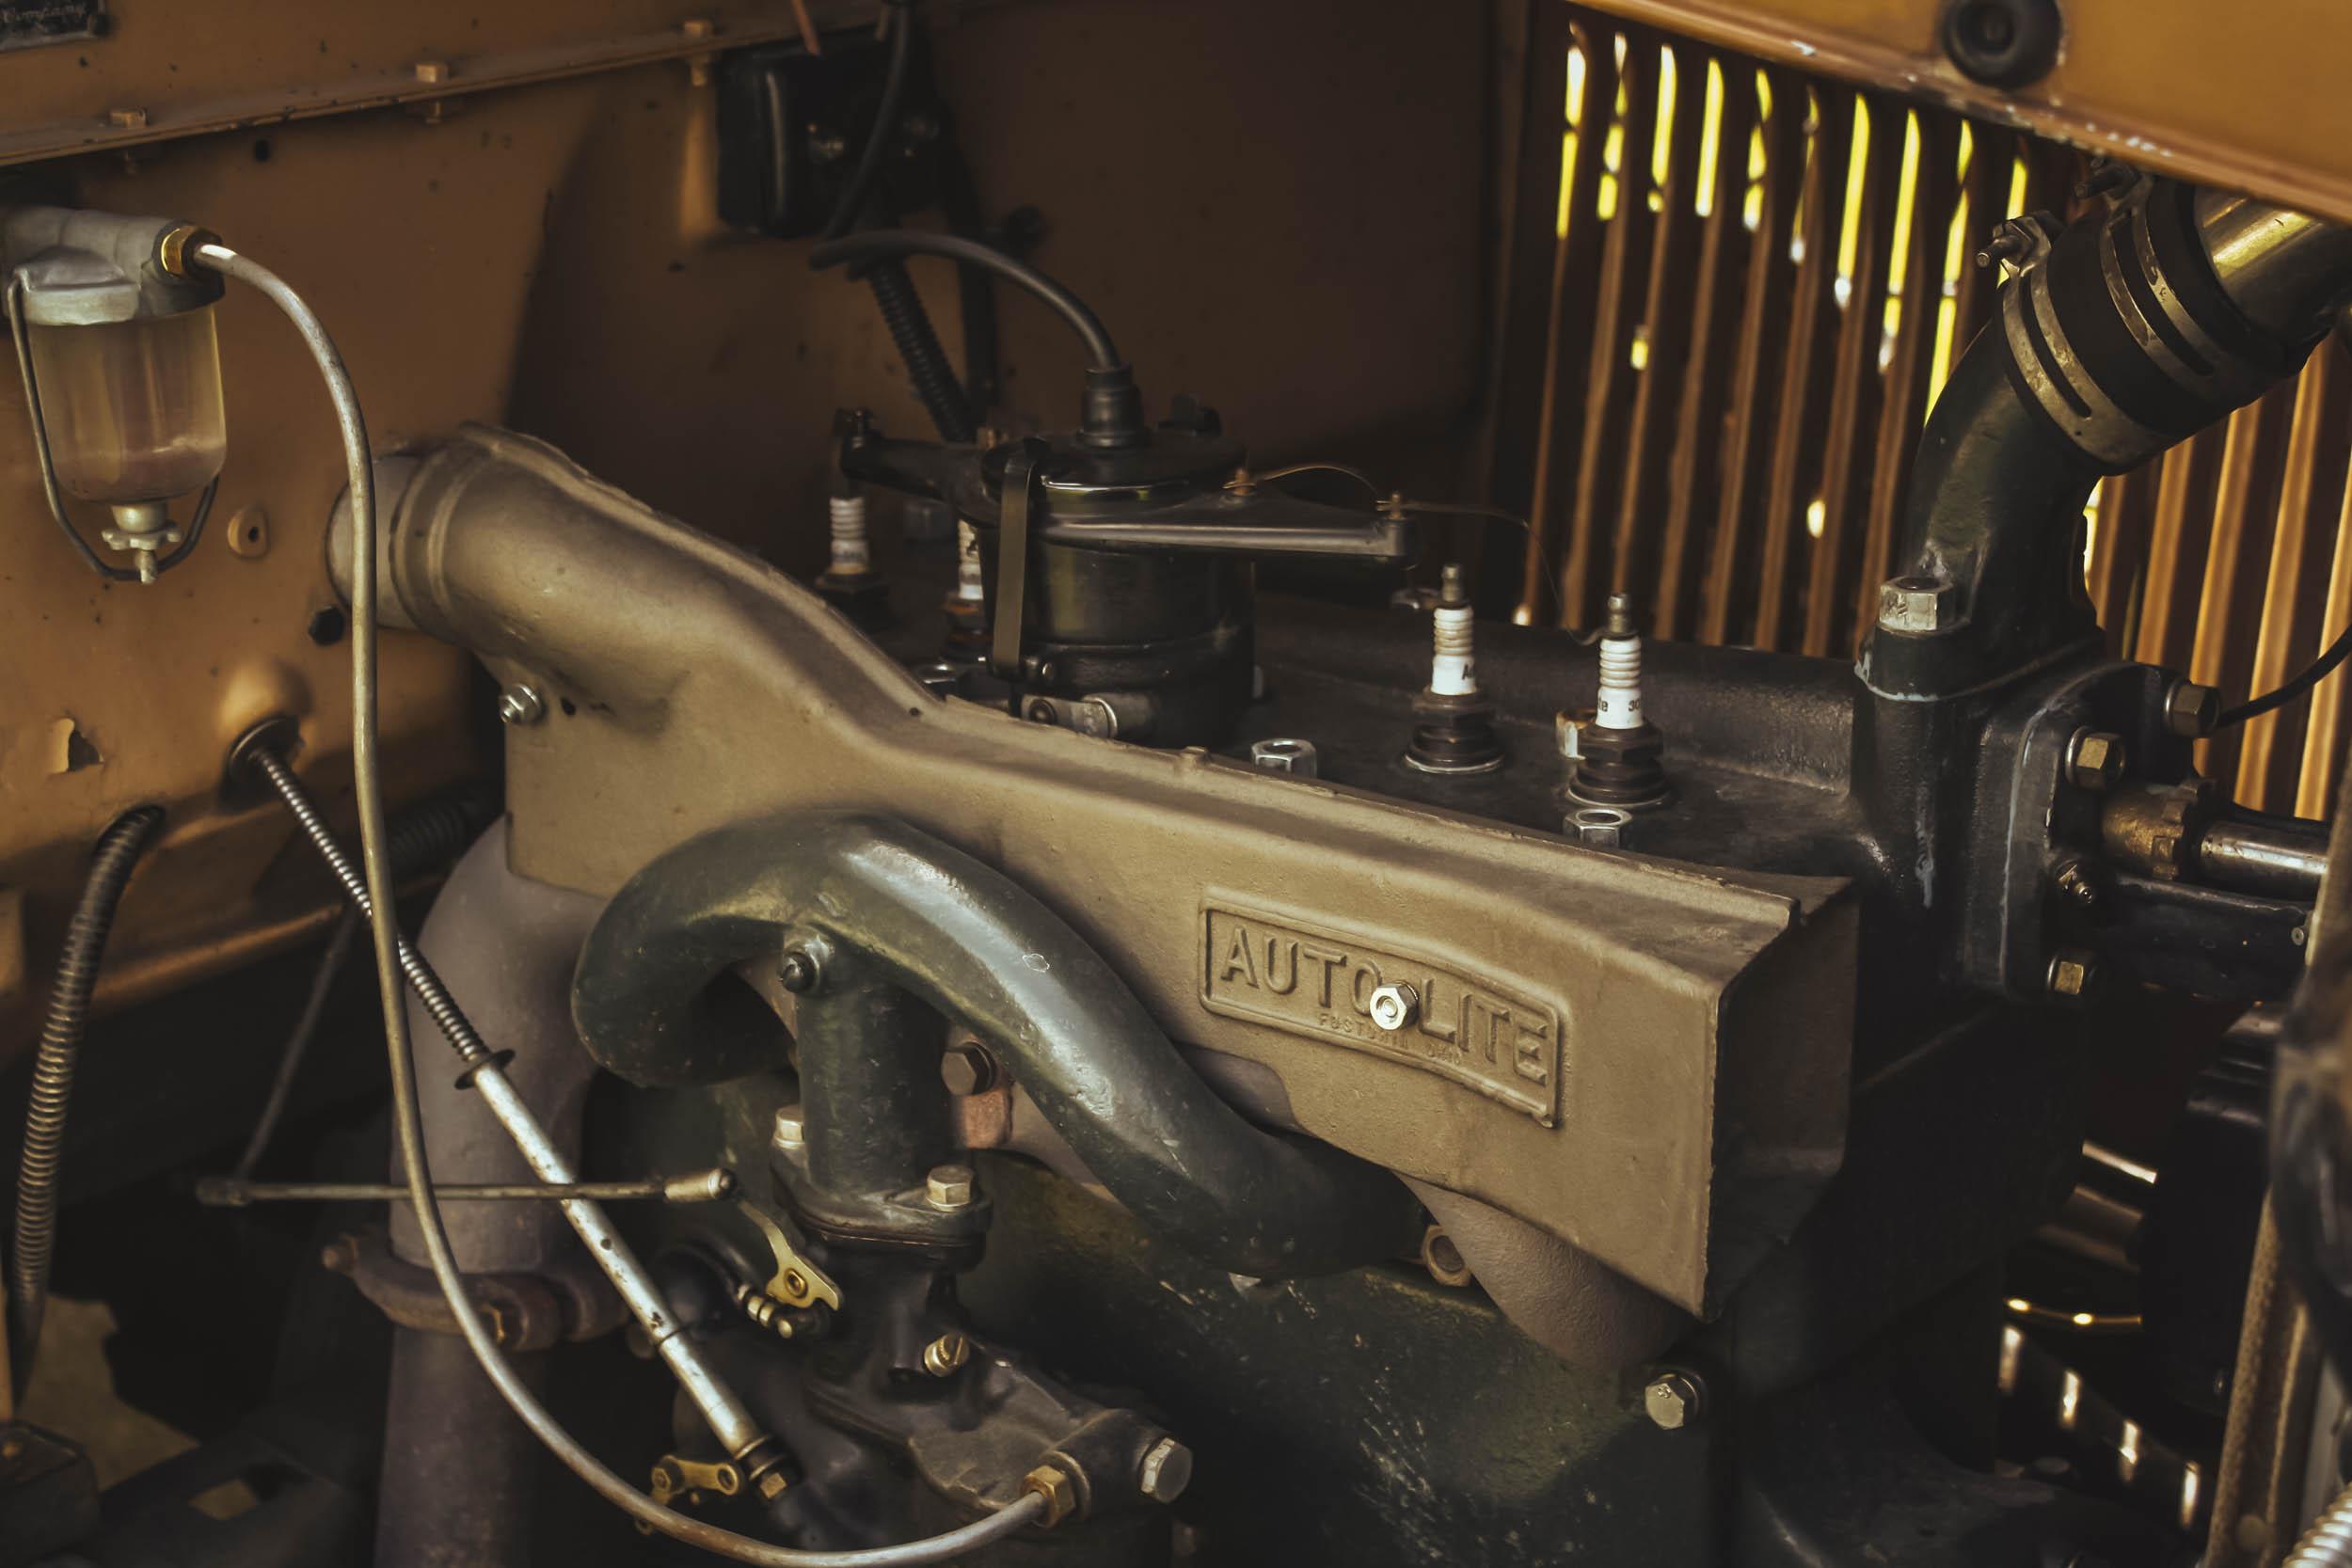 billings club ford model a engine